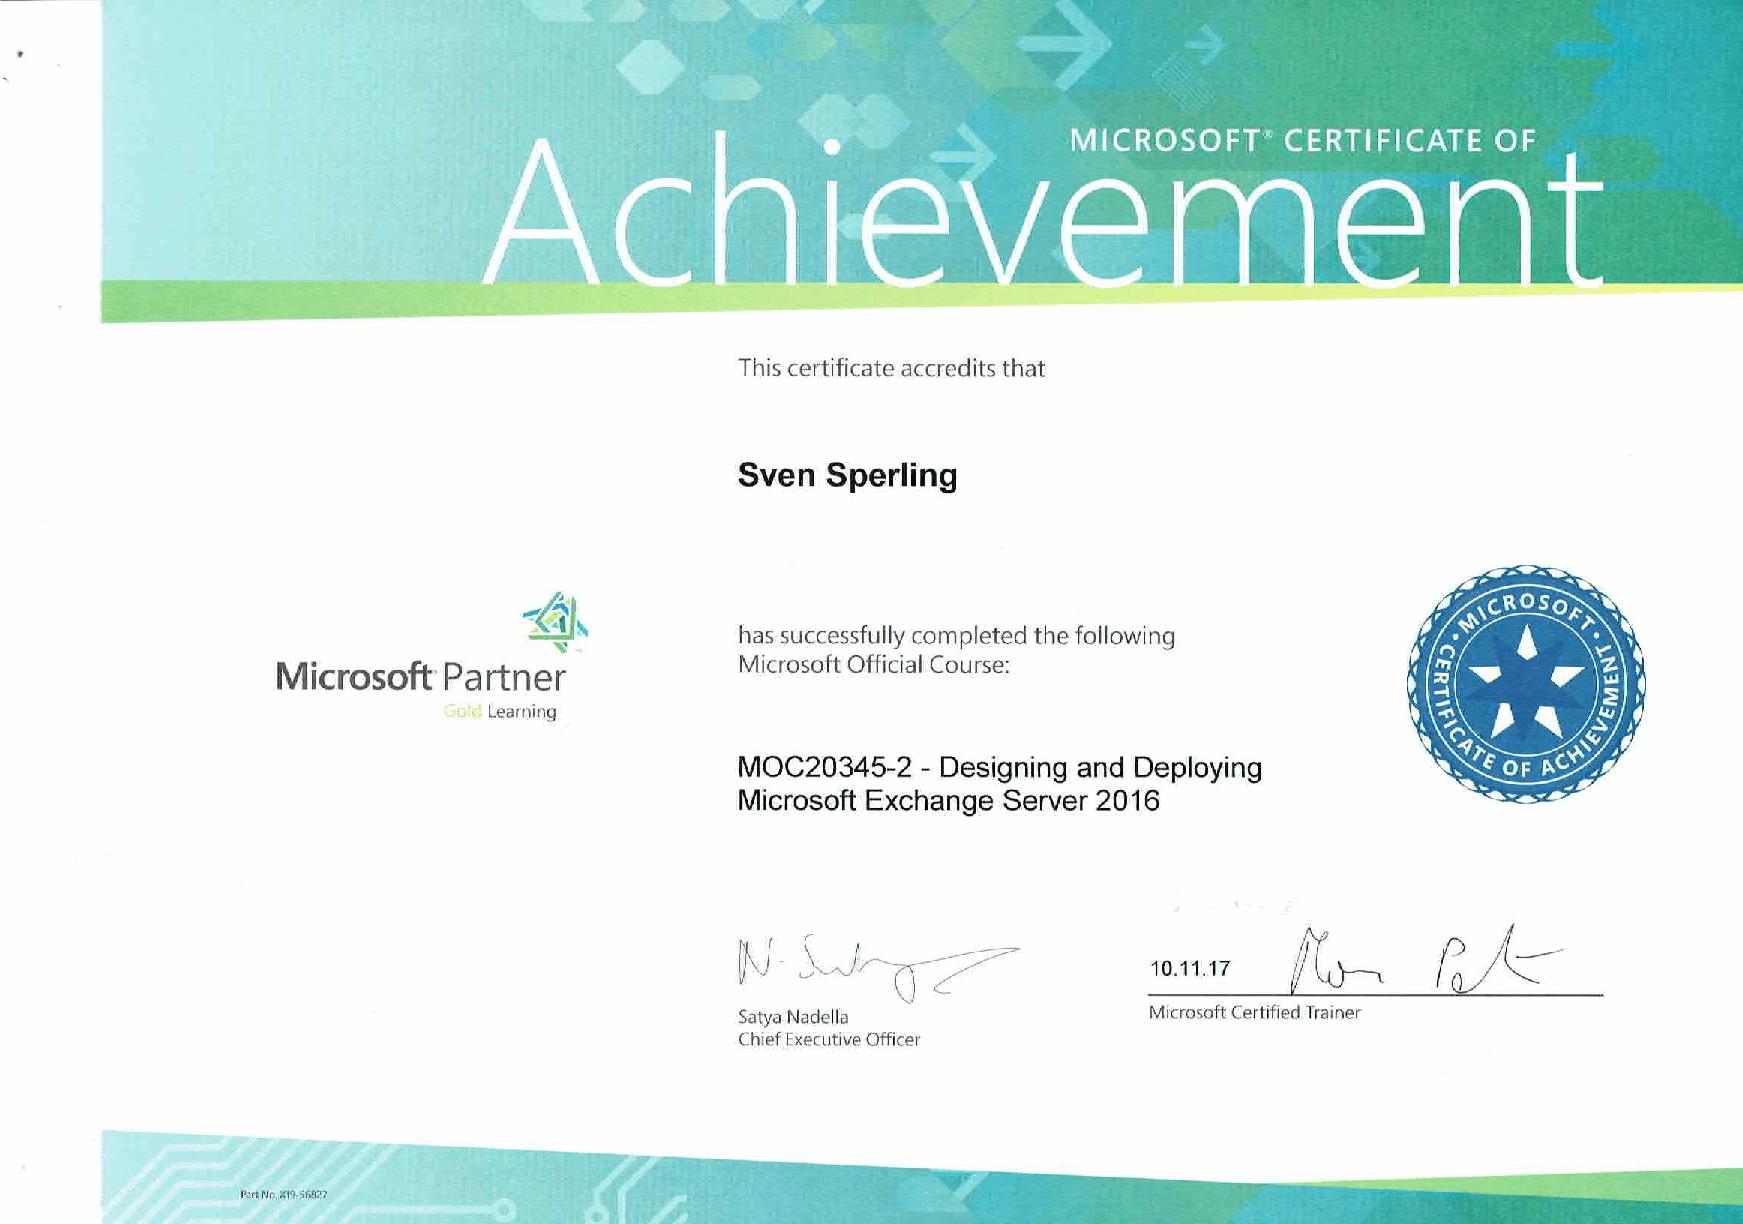 MOC20345-2 – Designing and Deploying Microsoft Exchange Server 2016